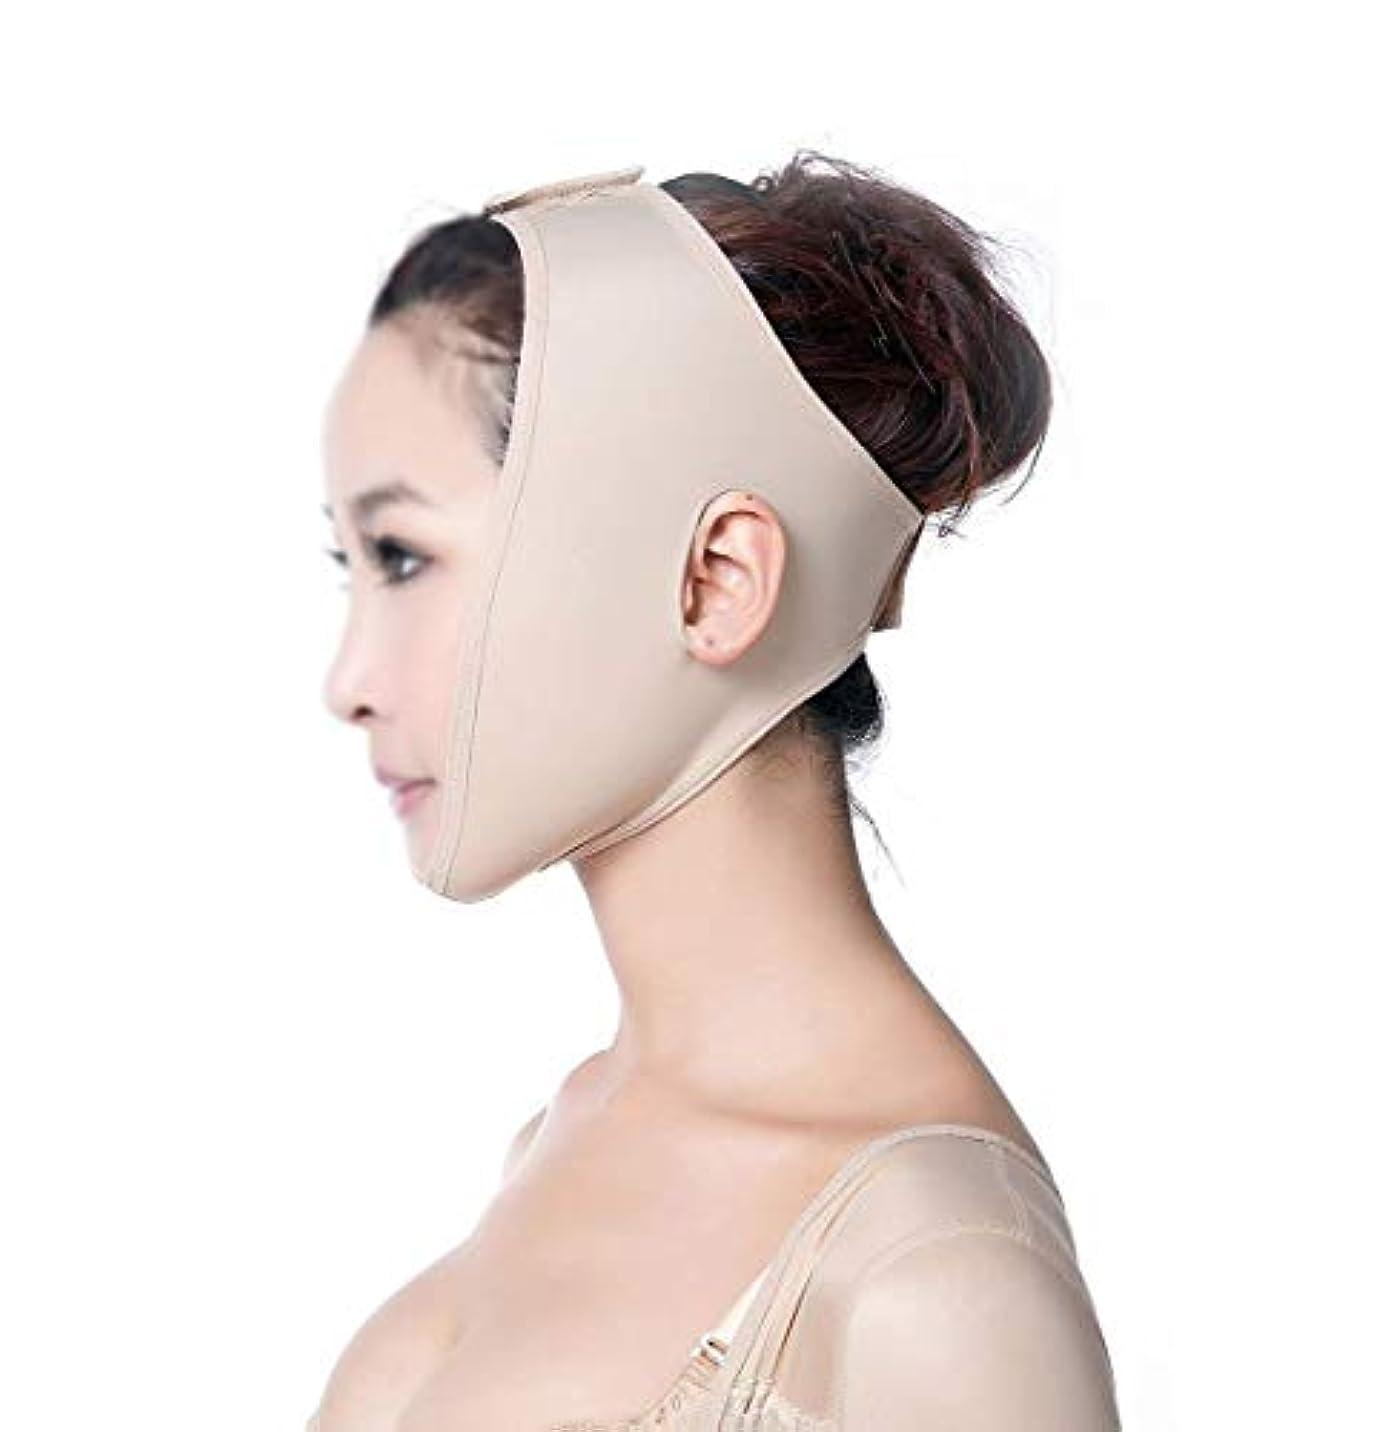 一般的にパラメータ維持フェイスリフトマスクフェイスアンドネックリフトポストエラスティックスリーブ下顎骨セットフェイスアーティファクトVフェイスフェイシャルフェイスバンドルダブルチンマスク(サイズ:L)